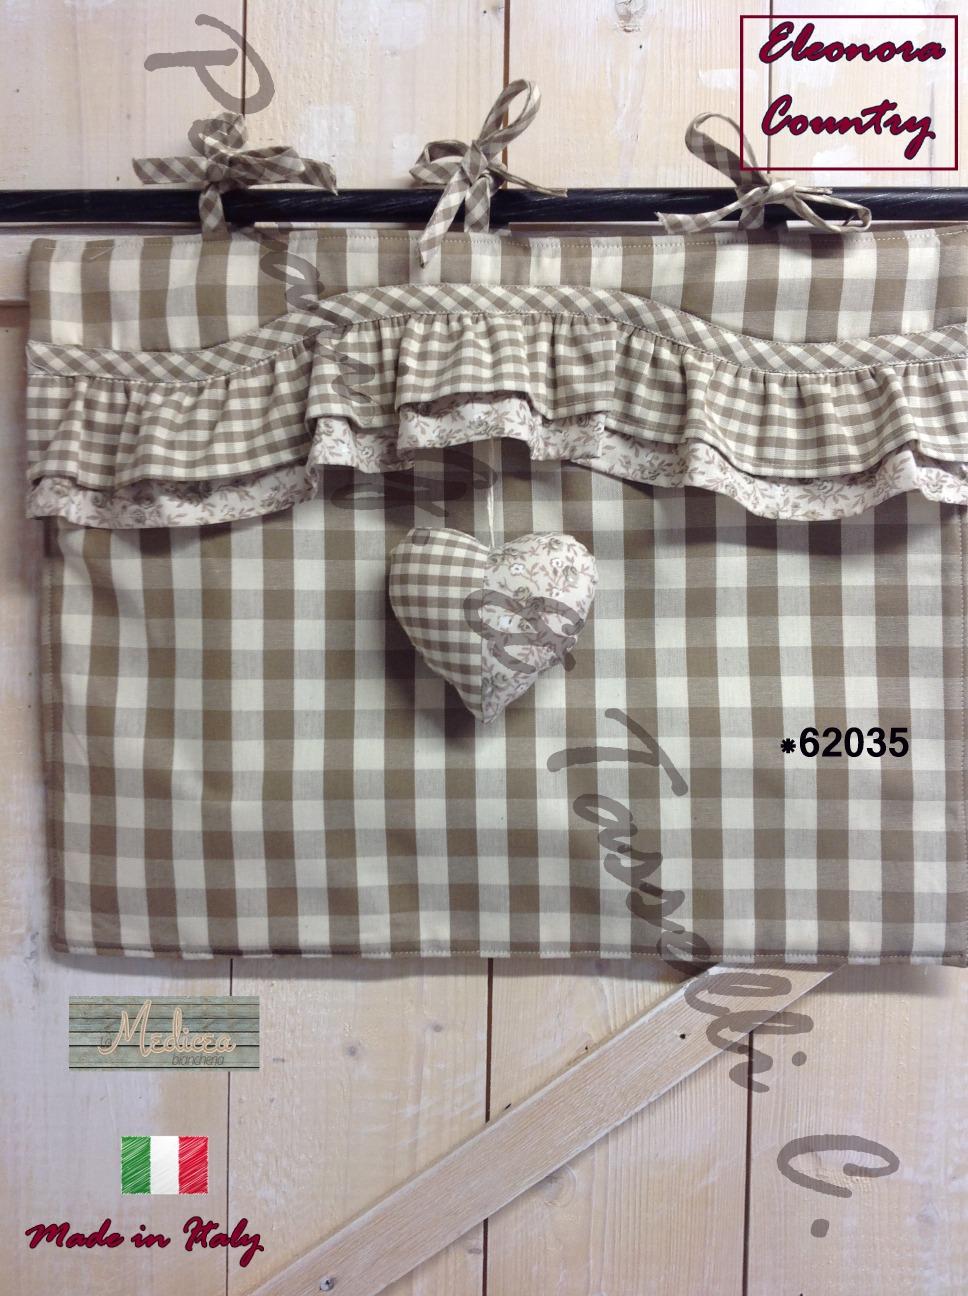 Casa shabby chic i nostri prodotti tessili shabby - Oggetti country per la casa ...